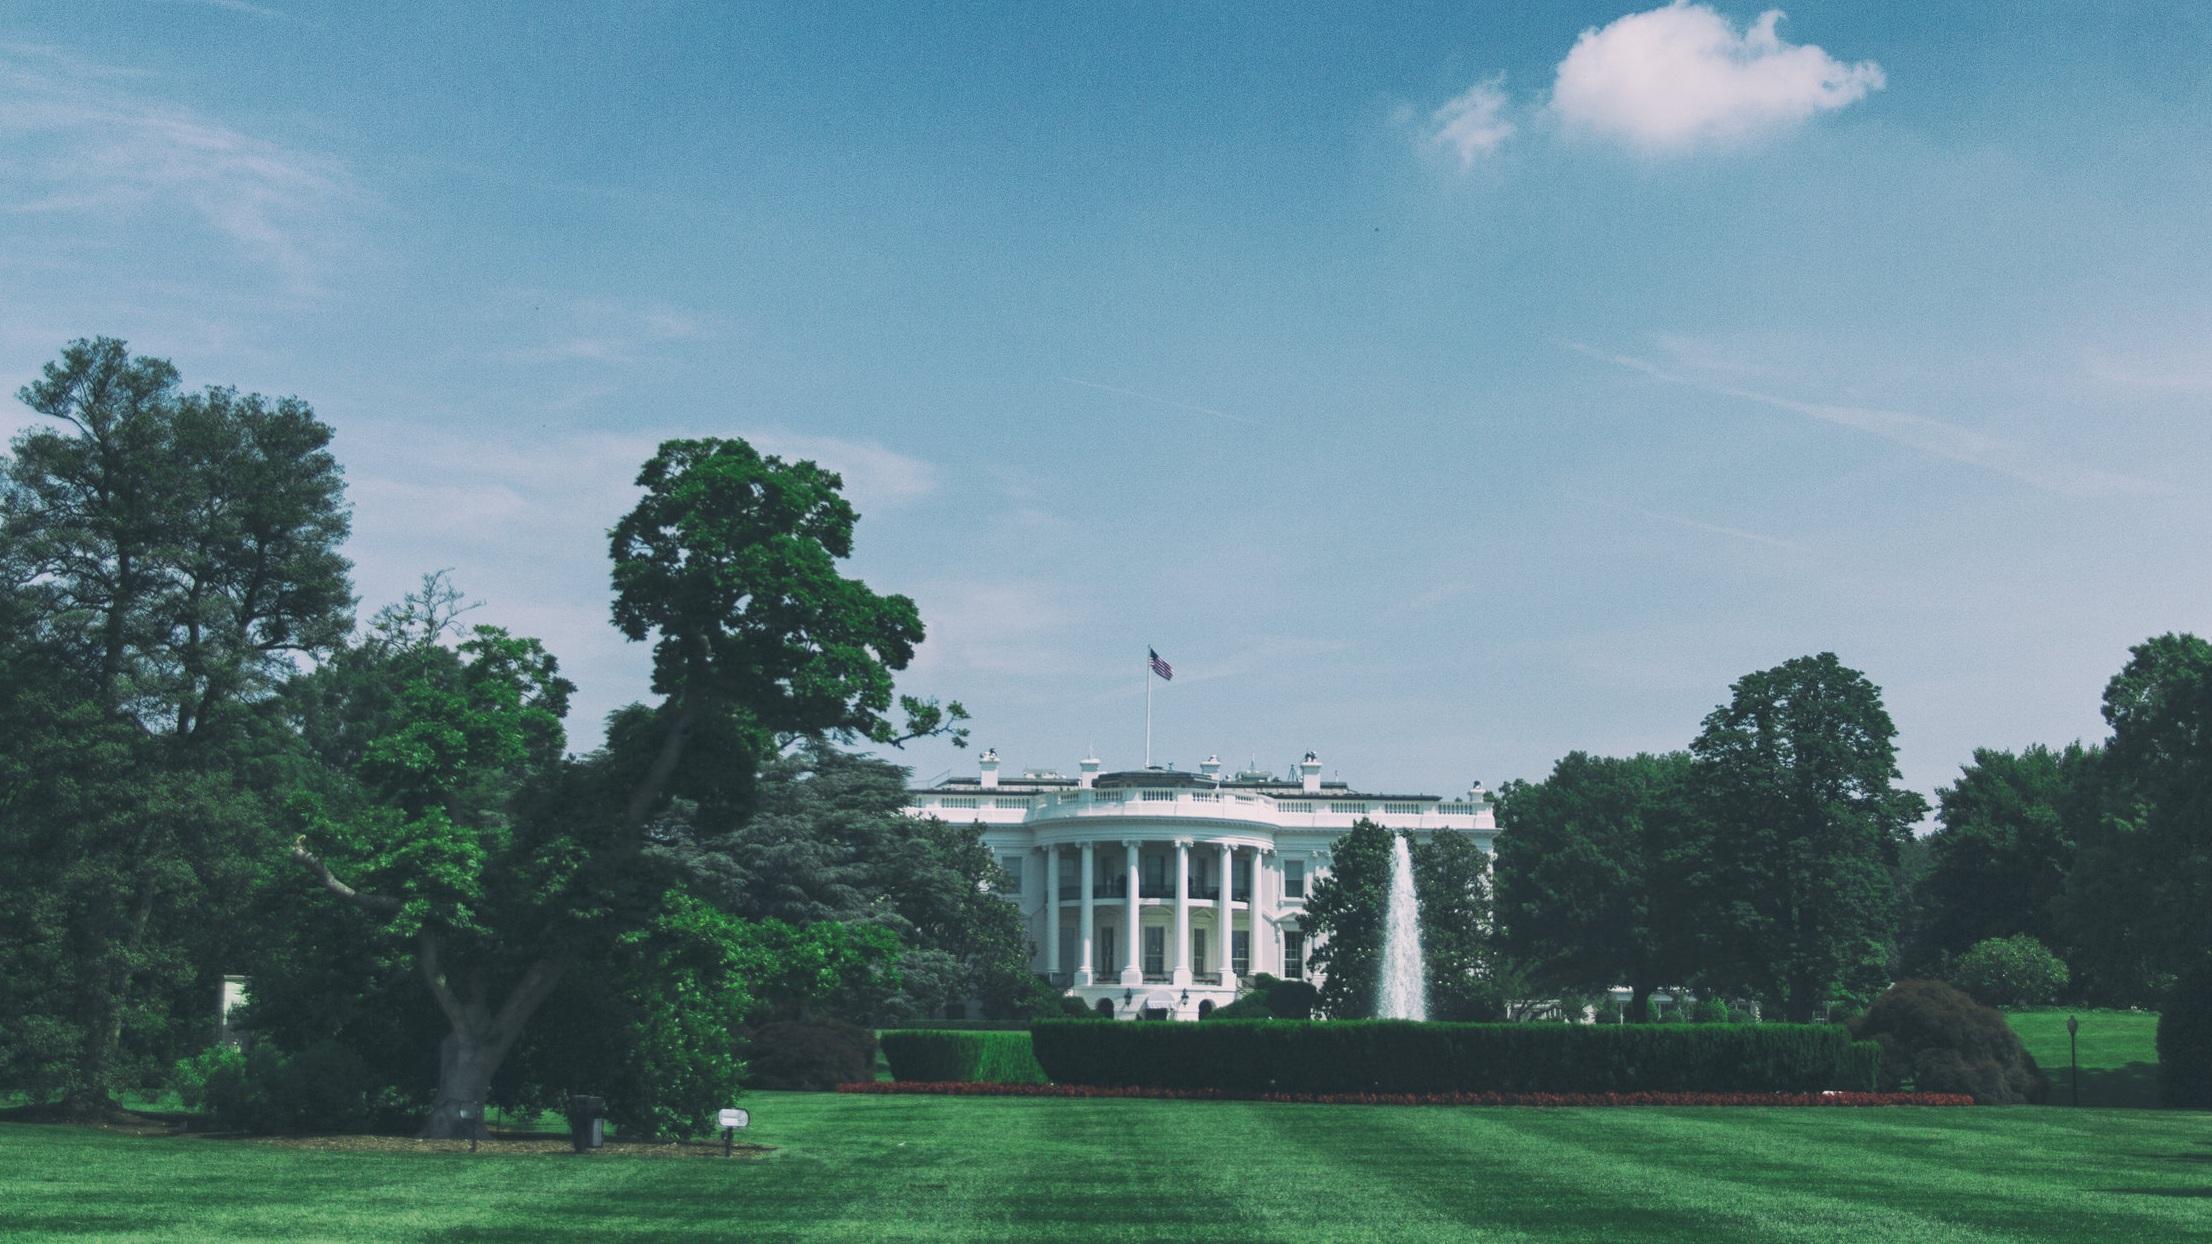 Vita Huset   Den ikoniska och helt vita byggnaden på 1600 Pennsylvania Avenue är mest känd för att vara USA:s presidents residens och arbetsplats med sitt kontor i det ovala rummet. Bygget av huset färdigställdes år 1800 och det finns mängder av guidade turer om du är intresserad av att ta en närmare titt.